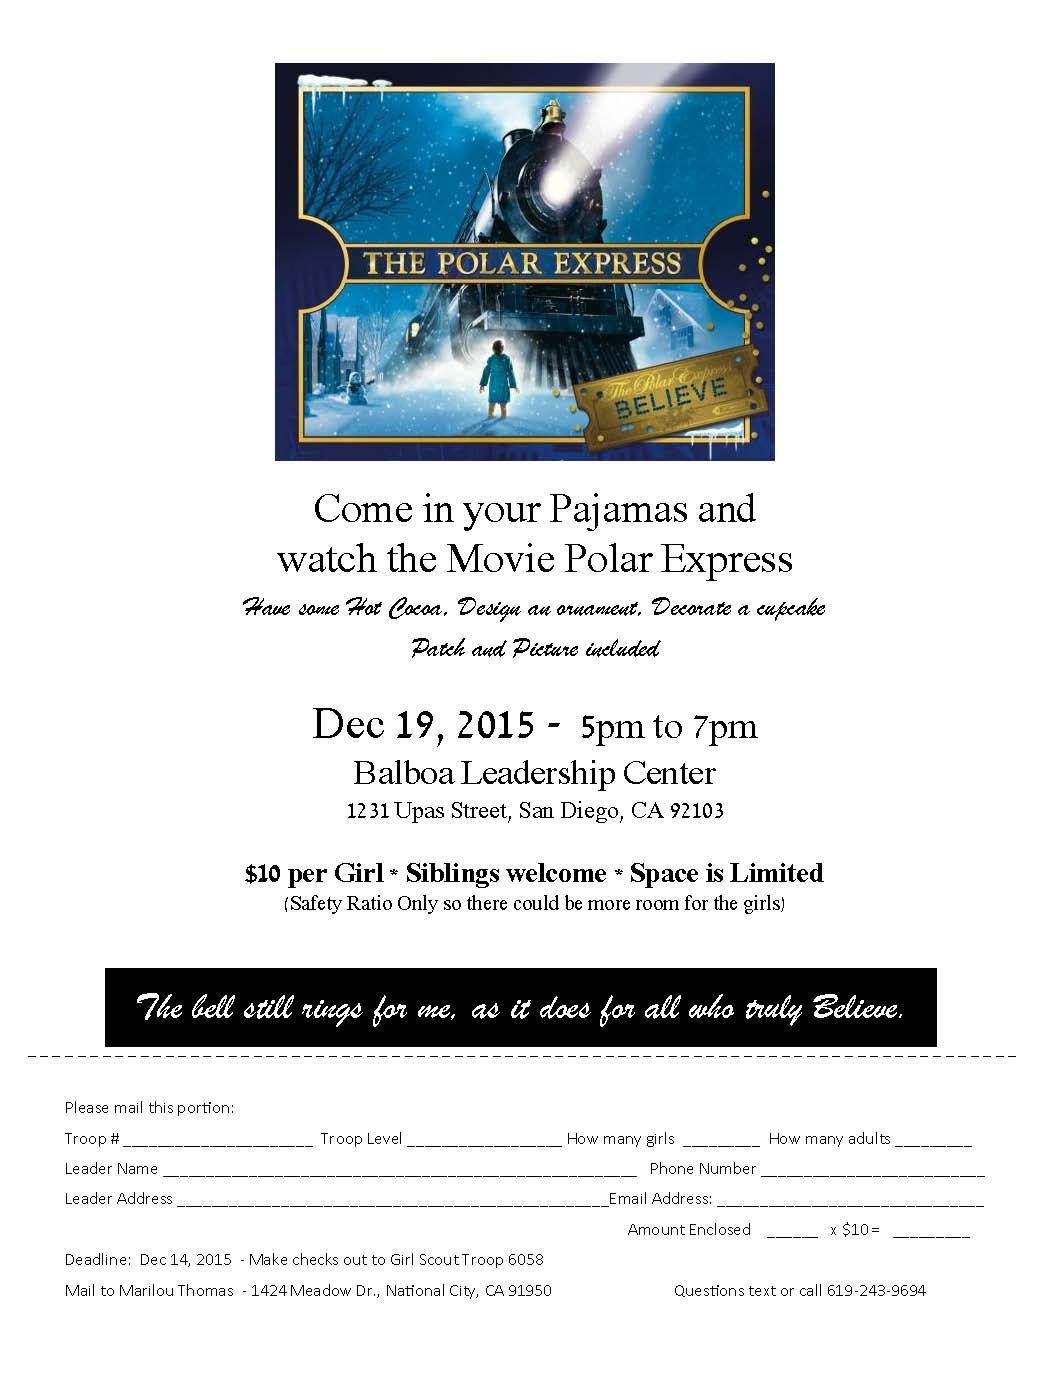 Polar Express Flyer